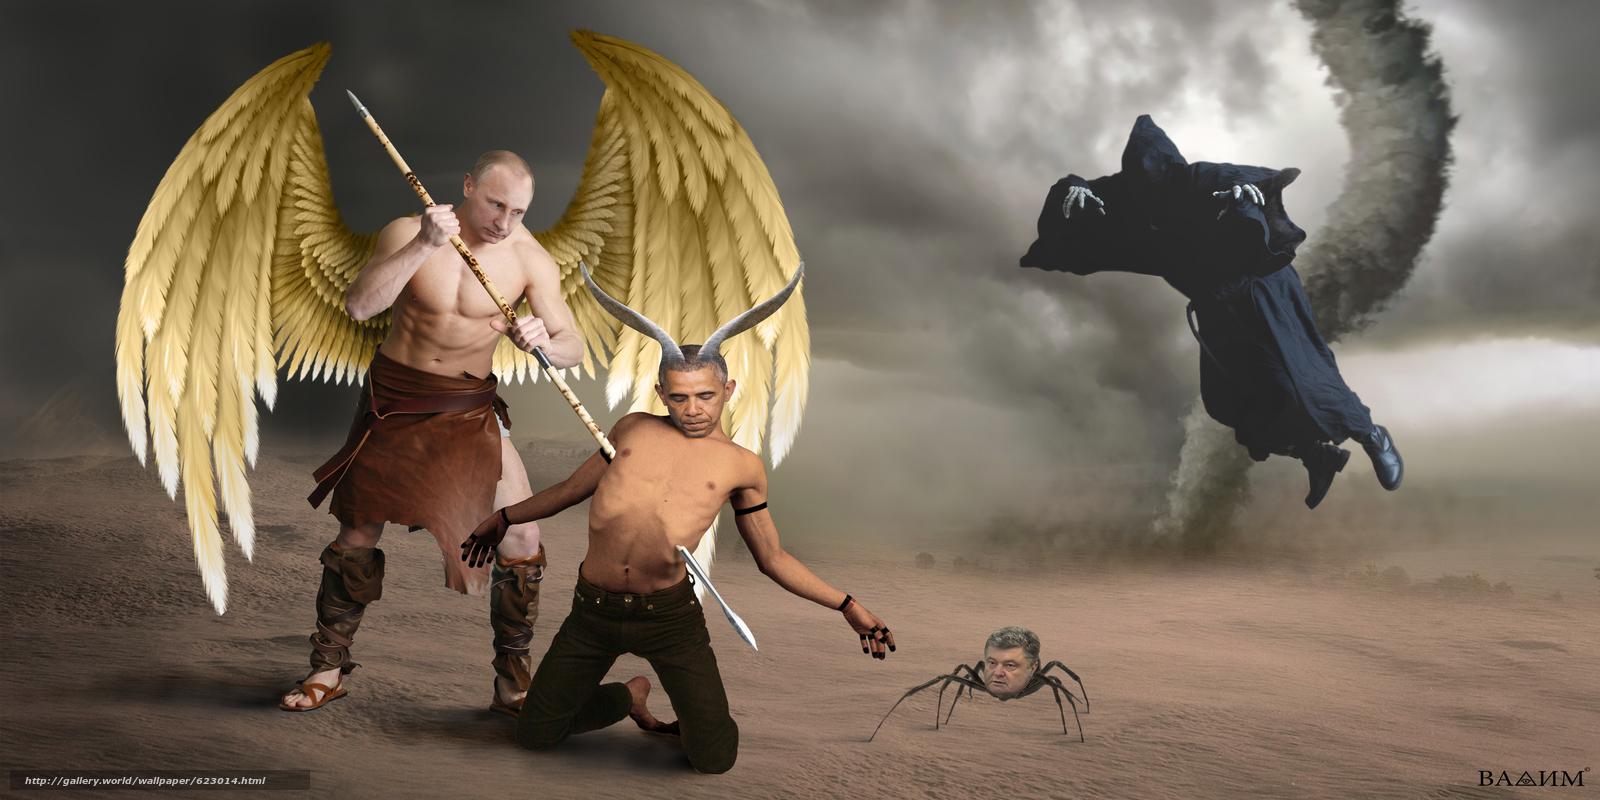 Путин, Обама, Порошенко, политика, искусство, арт, наказание, Россия, Украина, США